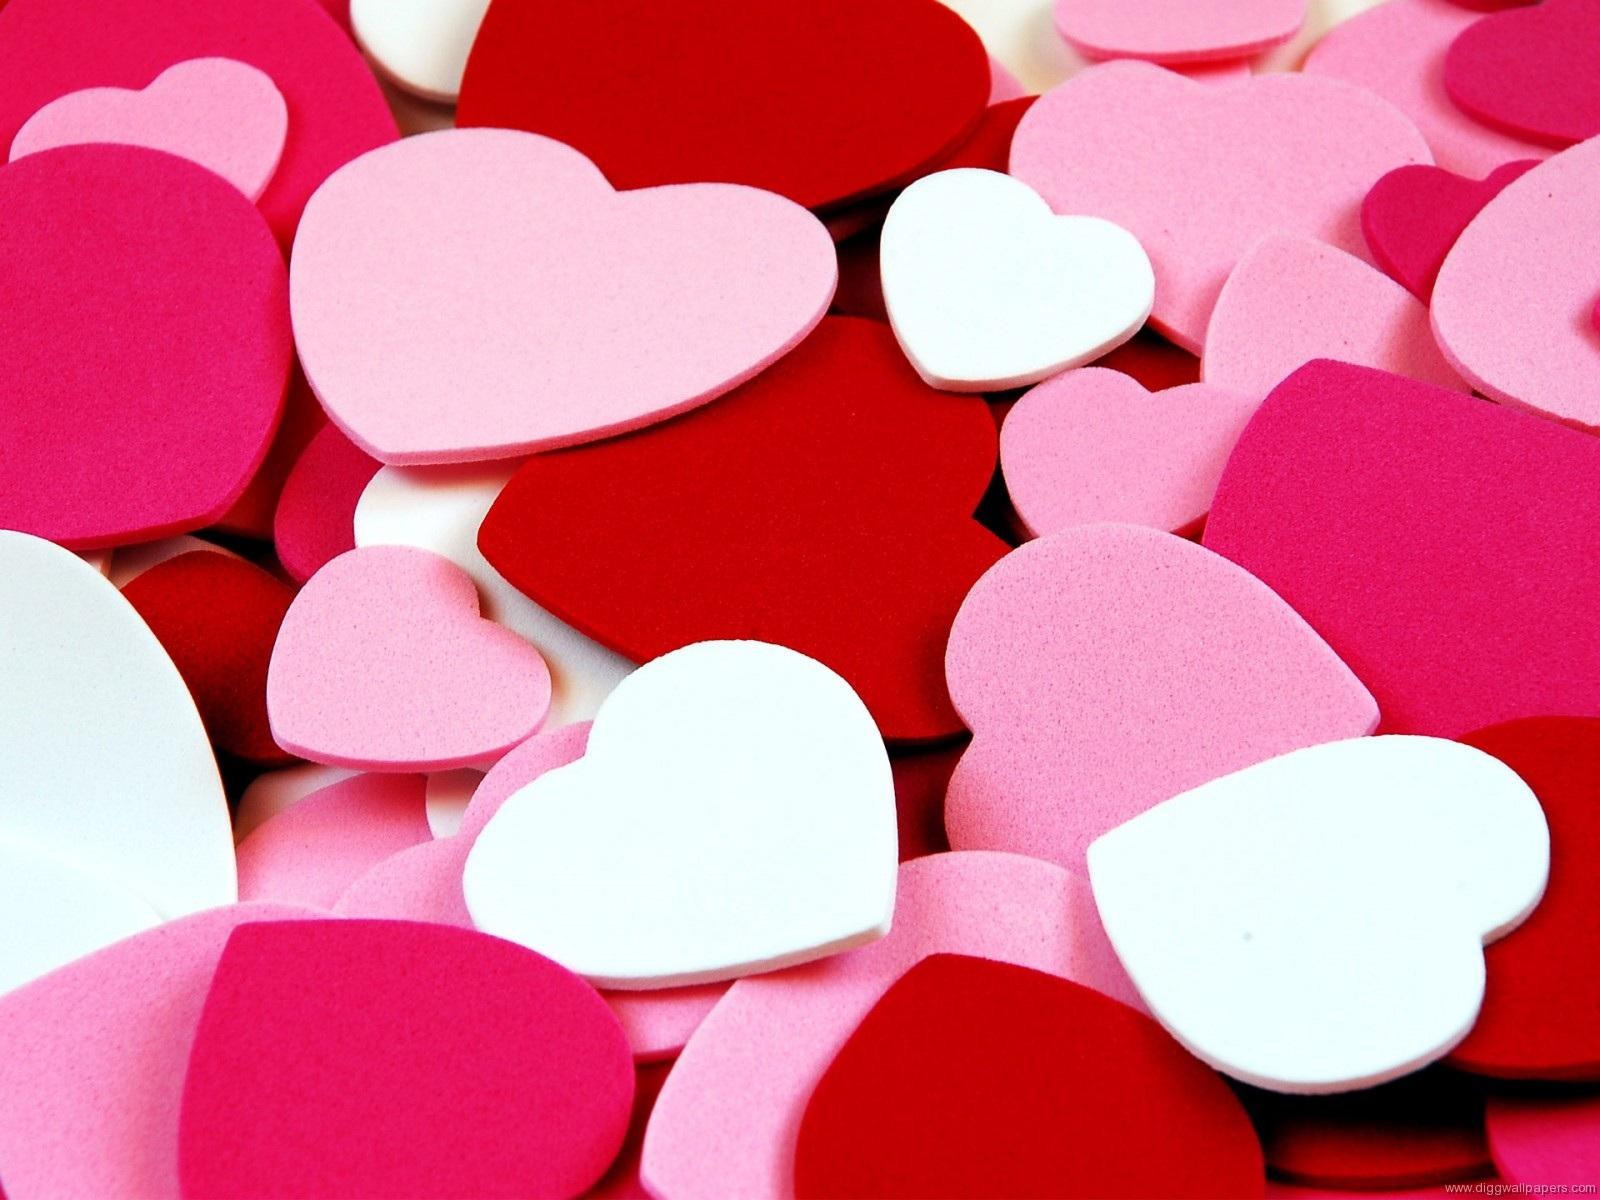 Fonds D'écran L'amour En Forme De Cœur De Fond 1600x1200